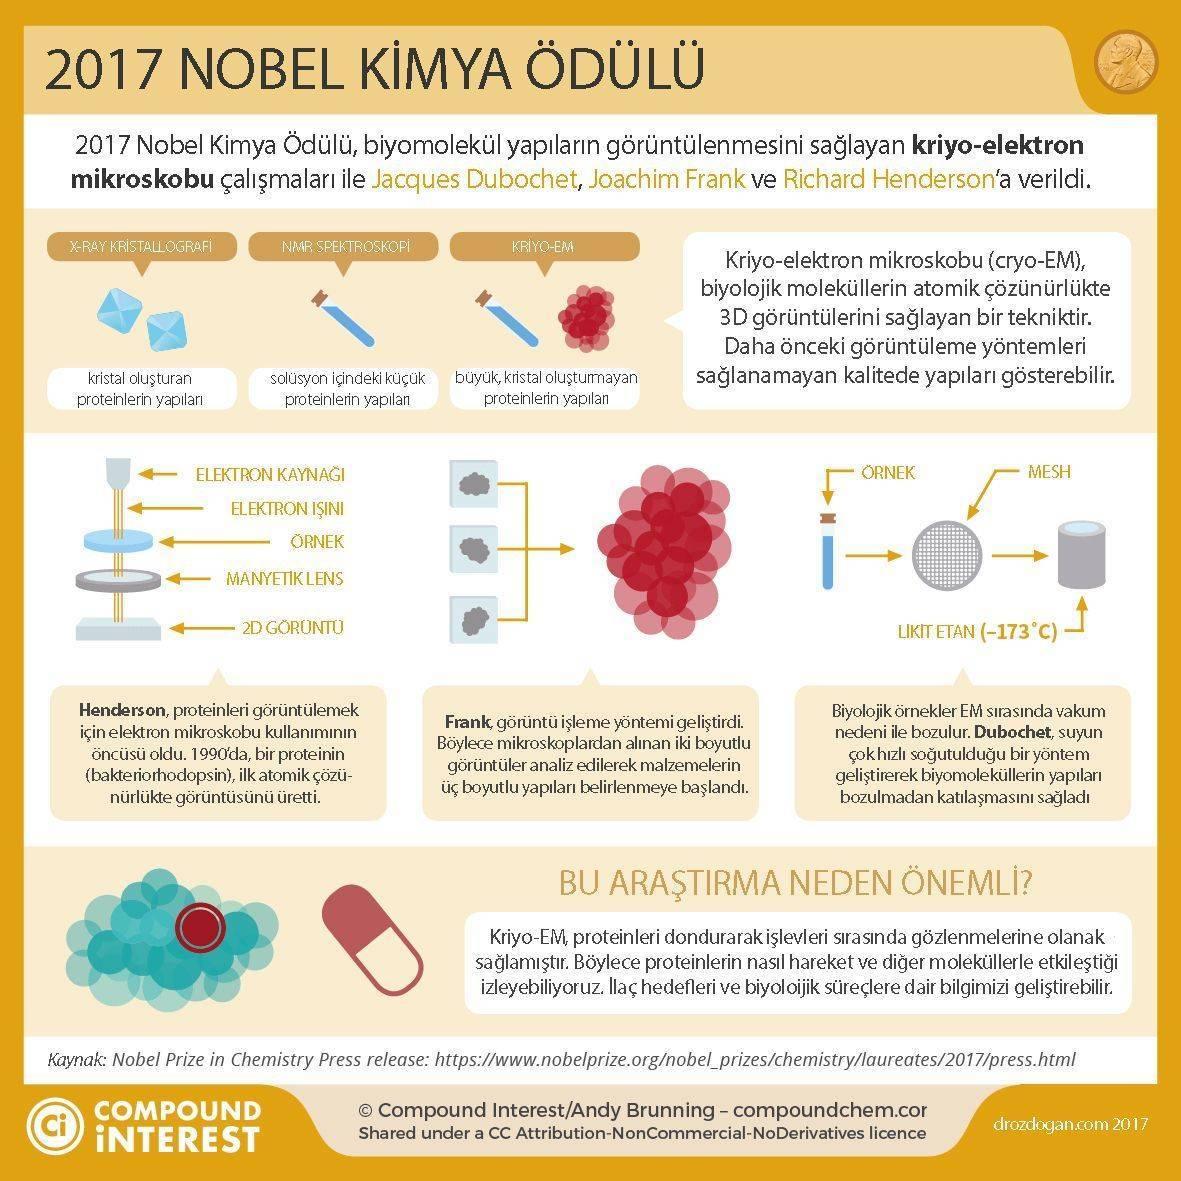 2017 nobel kimya ödülü kriyo cryo elektron mikroskobu nedir